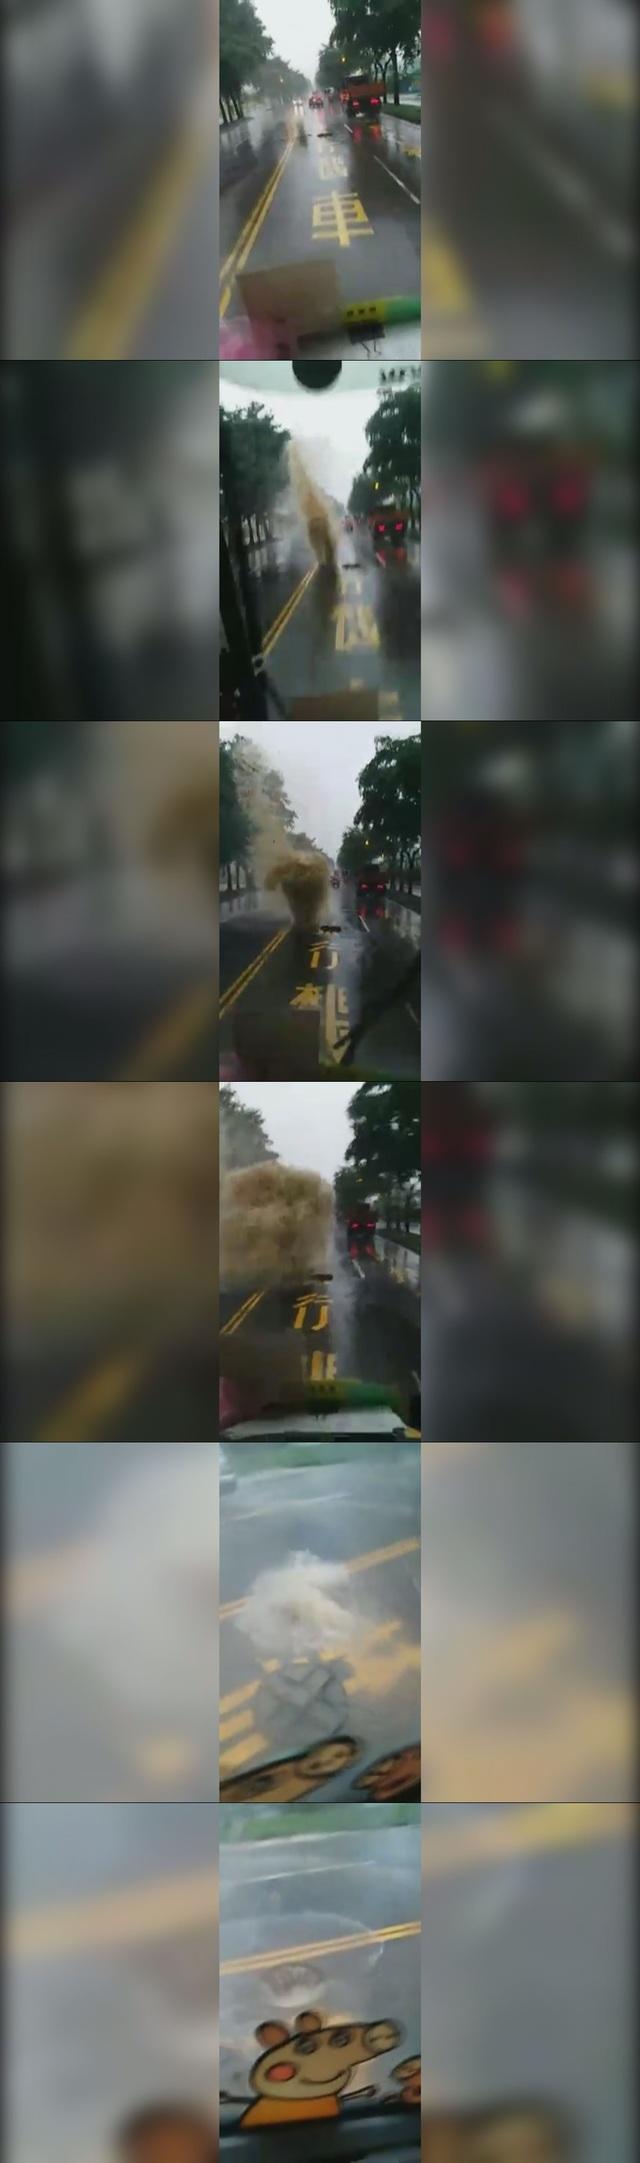 高雄小港馬路噴出泥水柱 網嘲:塞子呢? | 巨大泥水柱不斷衝出路面。(翻攝臉書《打馬悍將粉絲團》)